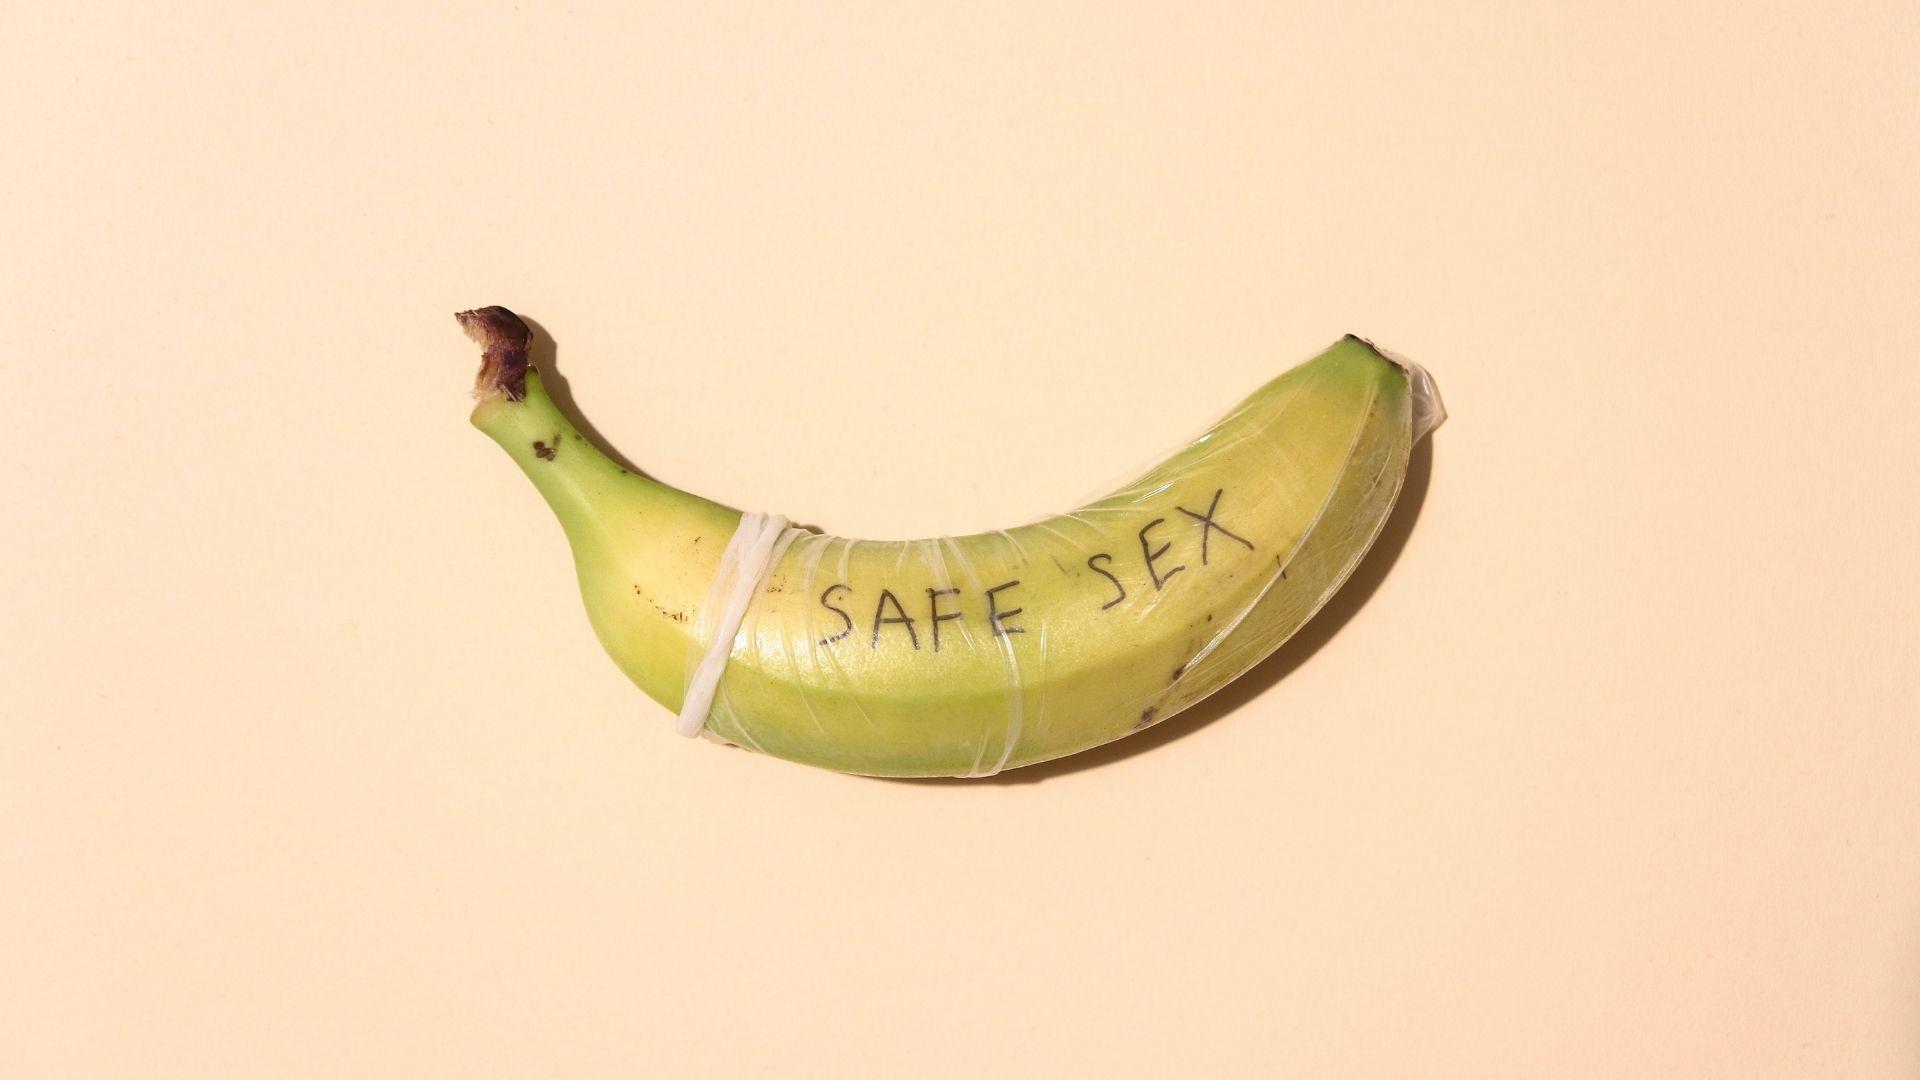 Banane entourée d'un préservatif masculin avec inscription